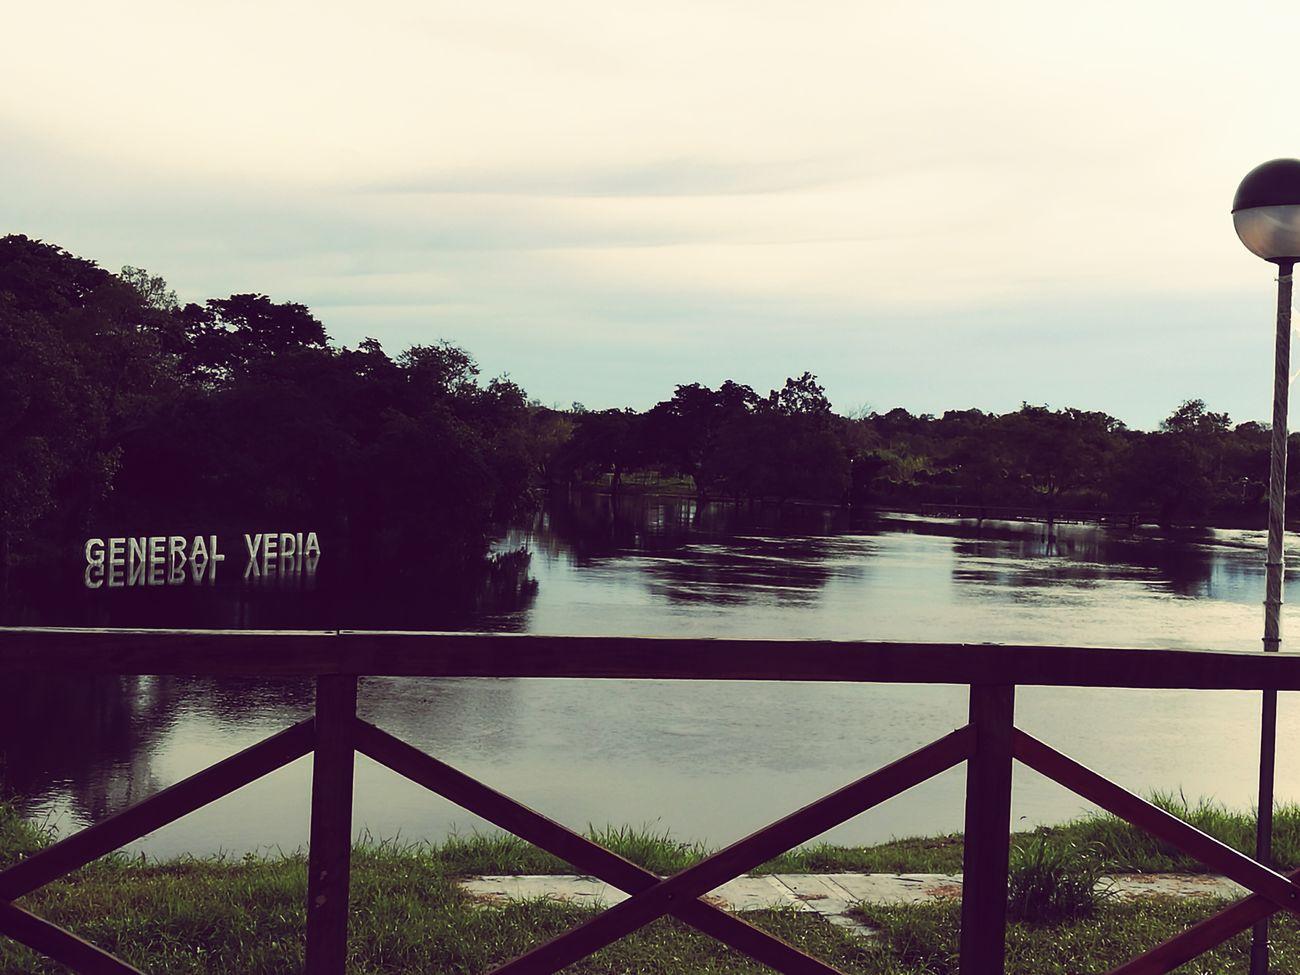 Mi lugar favorito. Paz Y Tranquilidad